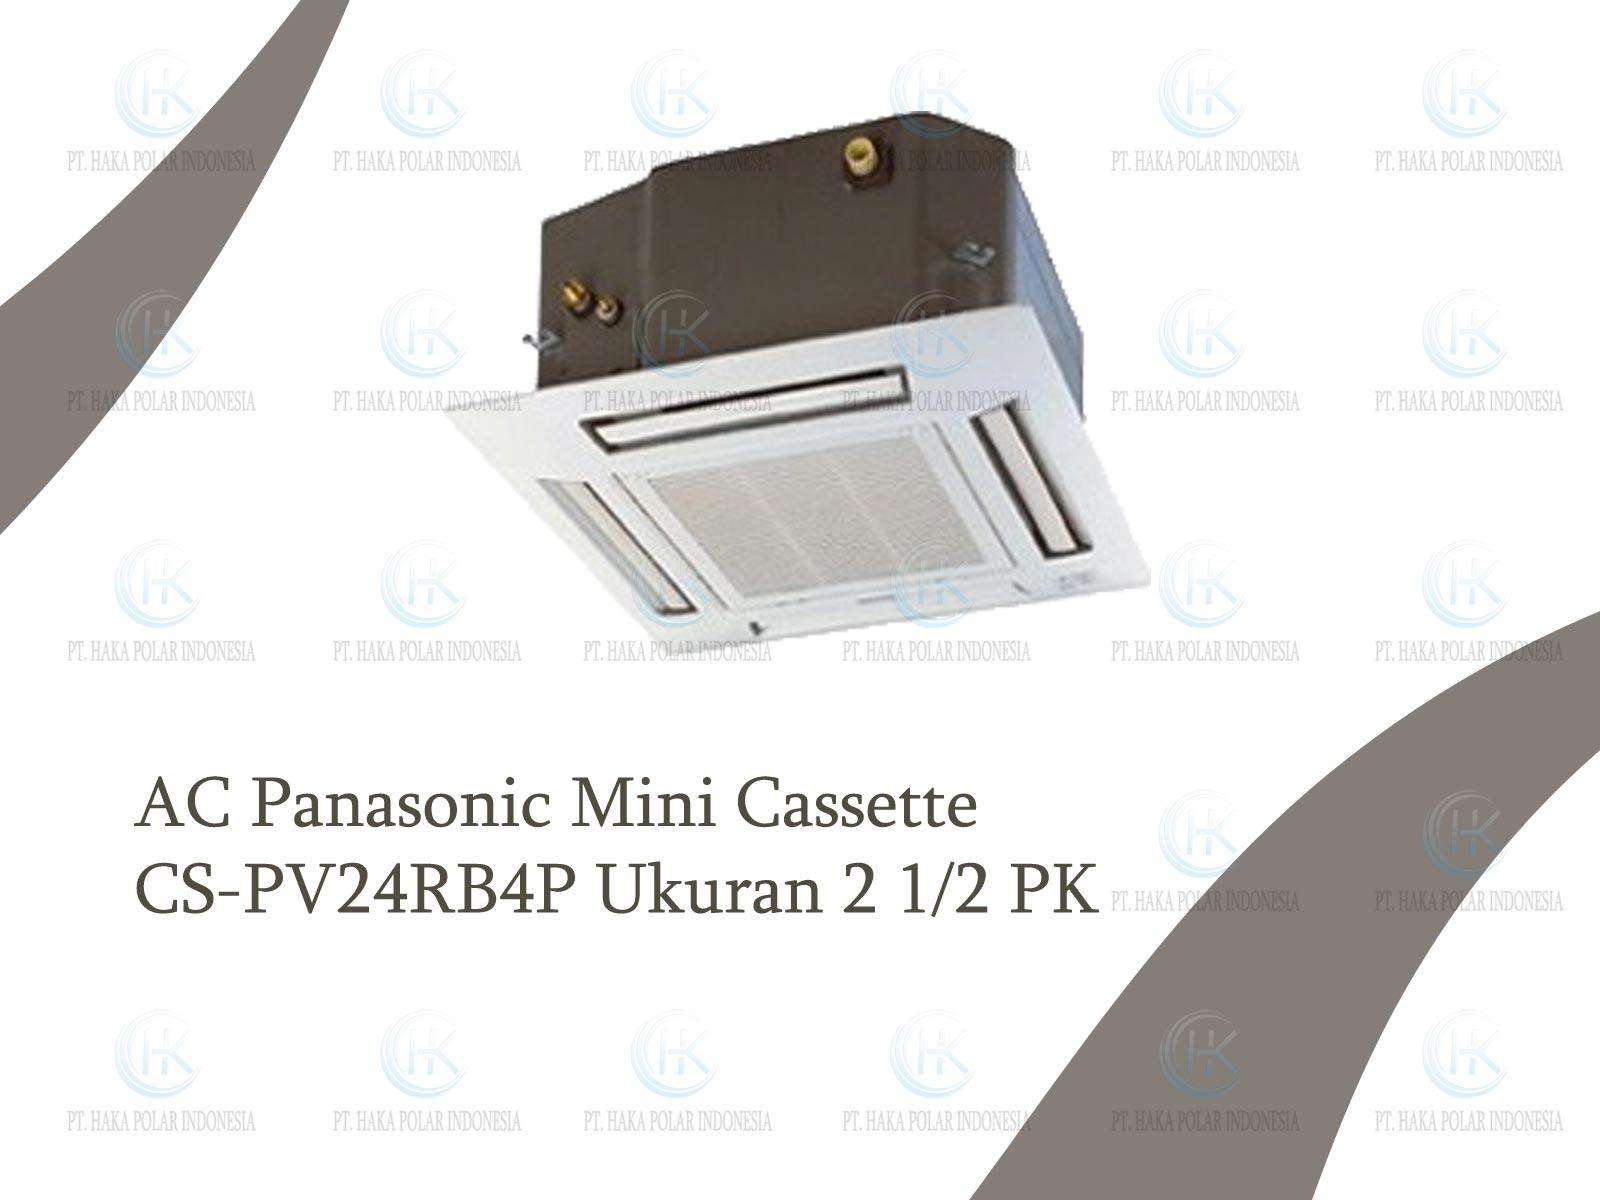 Jual AC Panasonic CS-PV24RB4P 2 1/2 PK Mini Cassette R410a